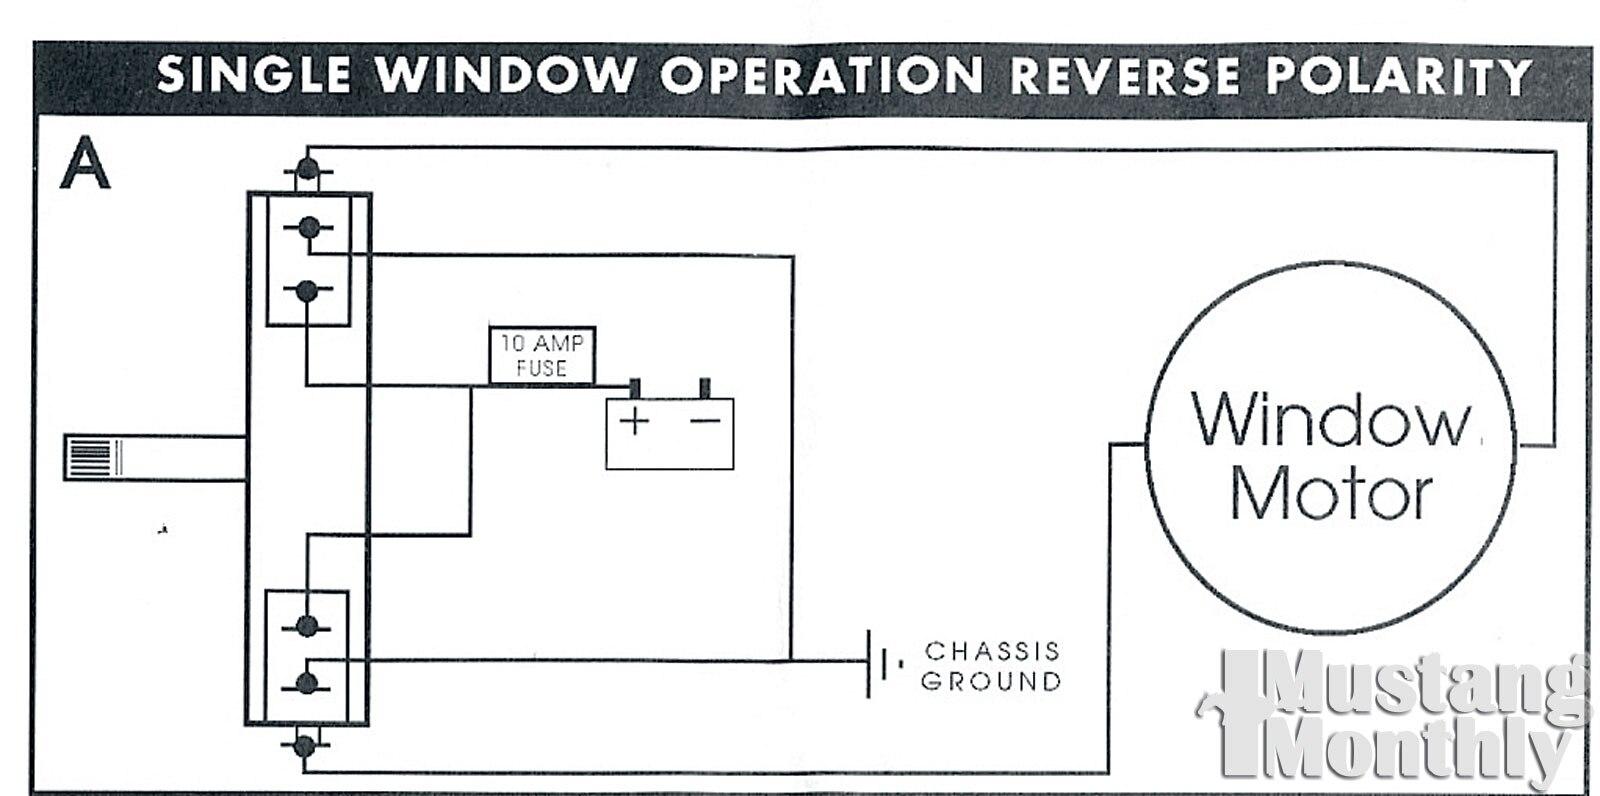 Mf 0968 Autoloc Power Window Switch Wiring Diagram Wiring Diagram